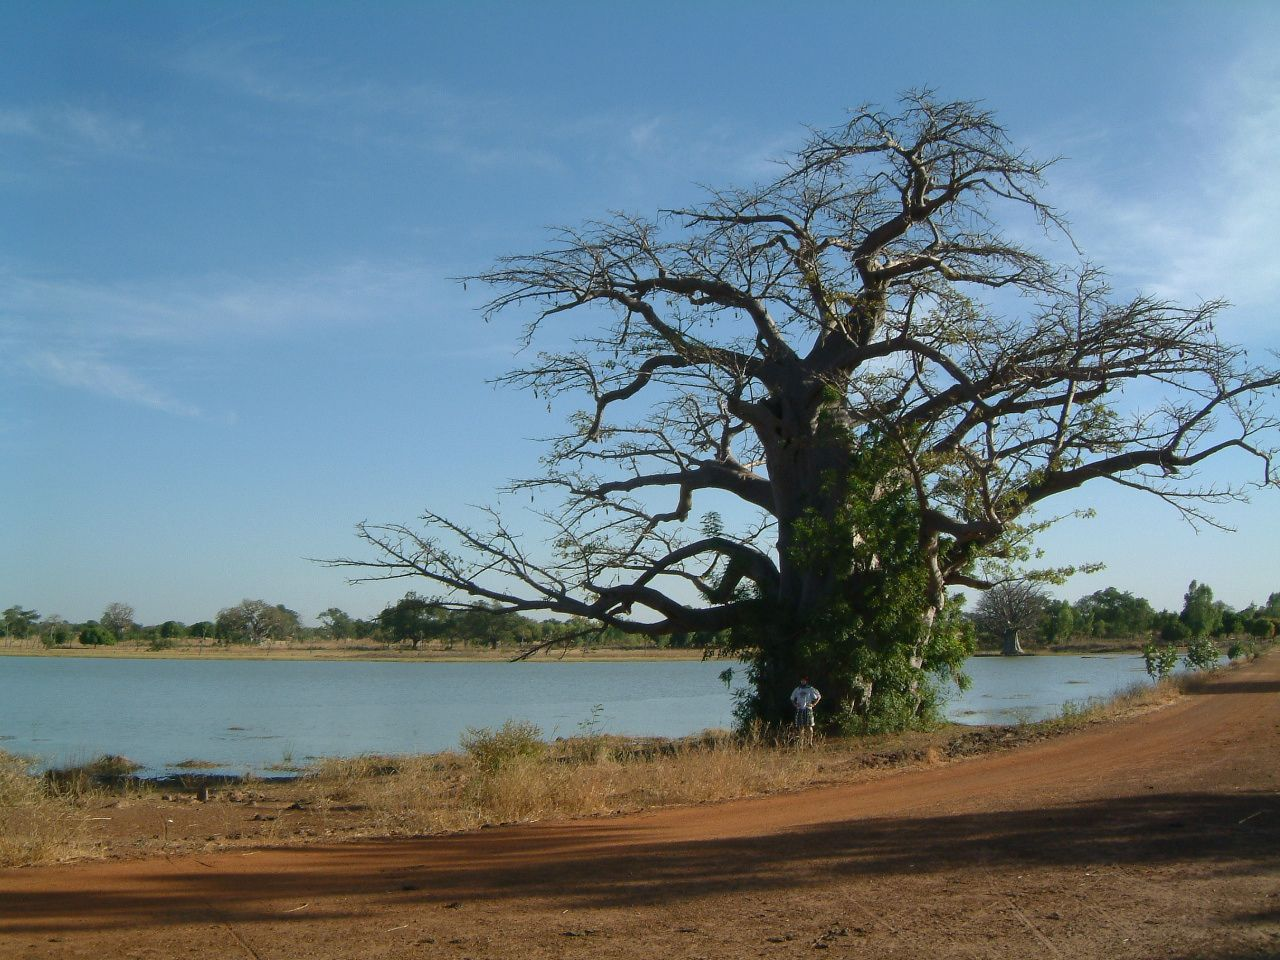 Corentin et le baobab